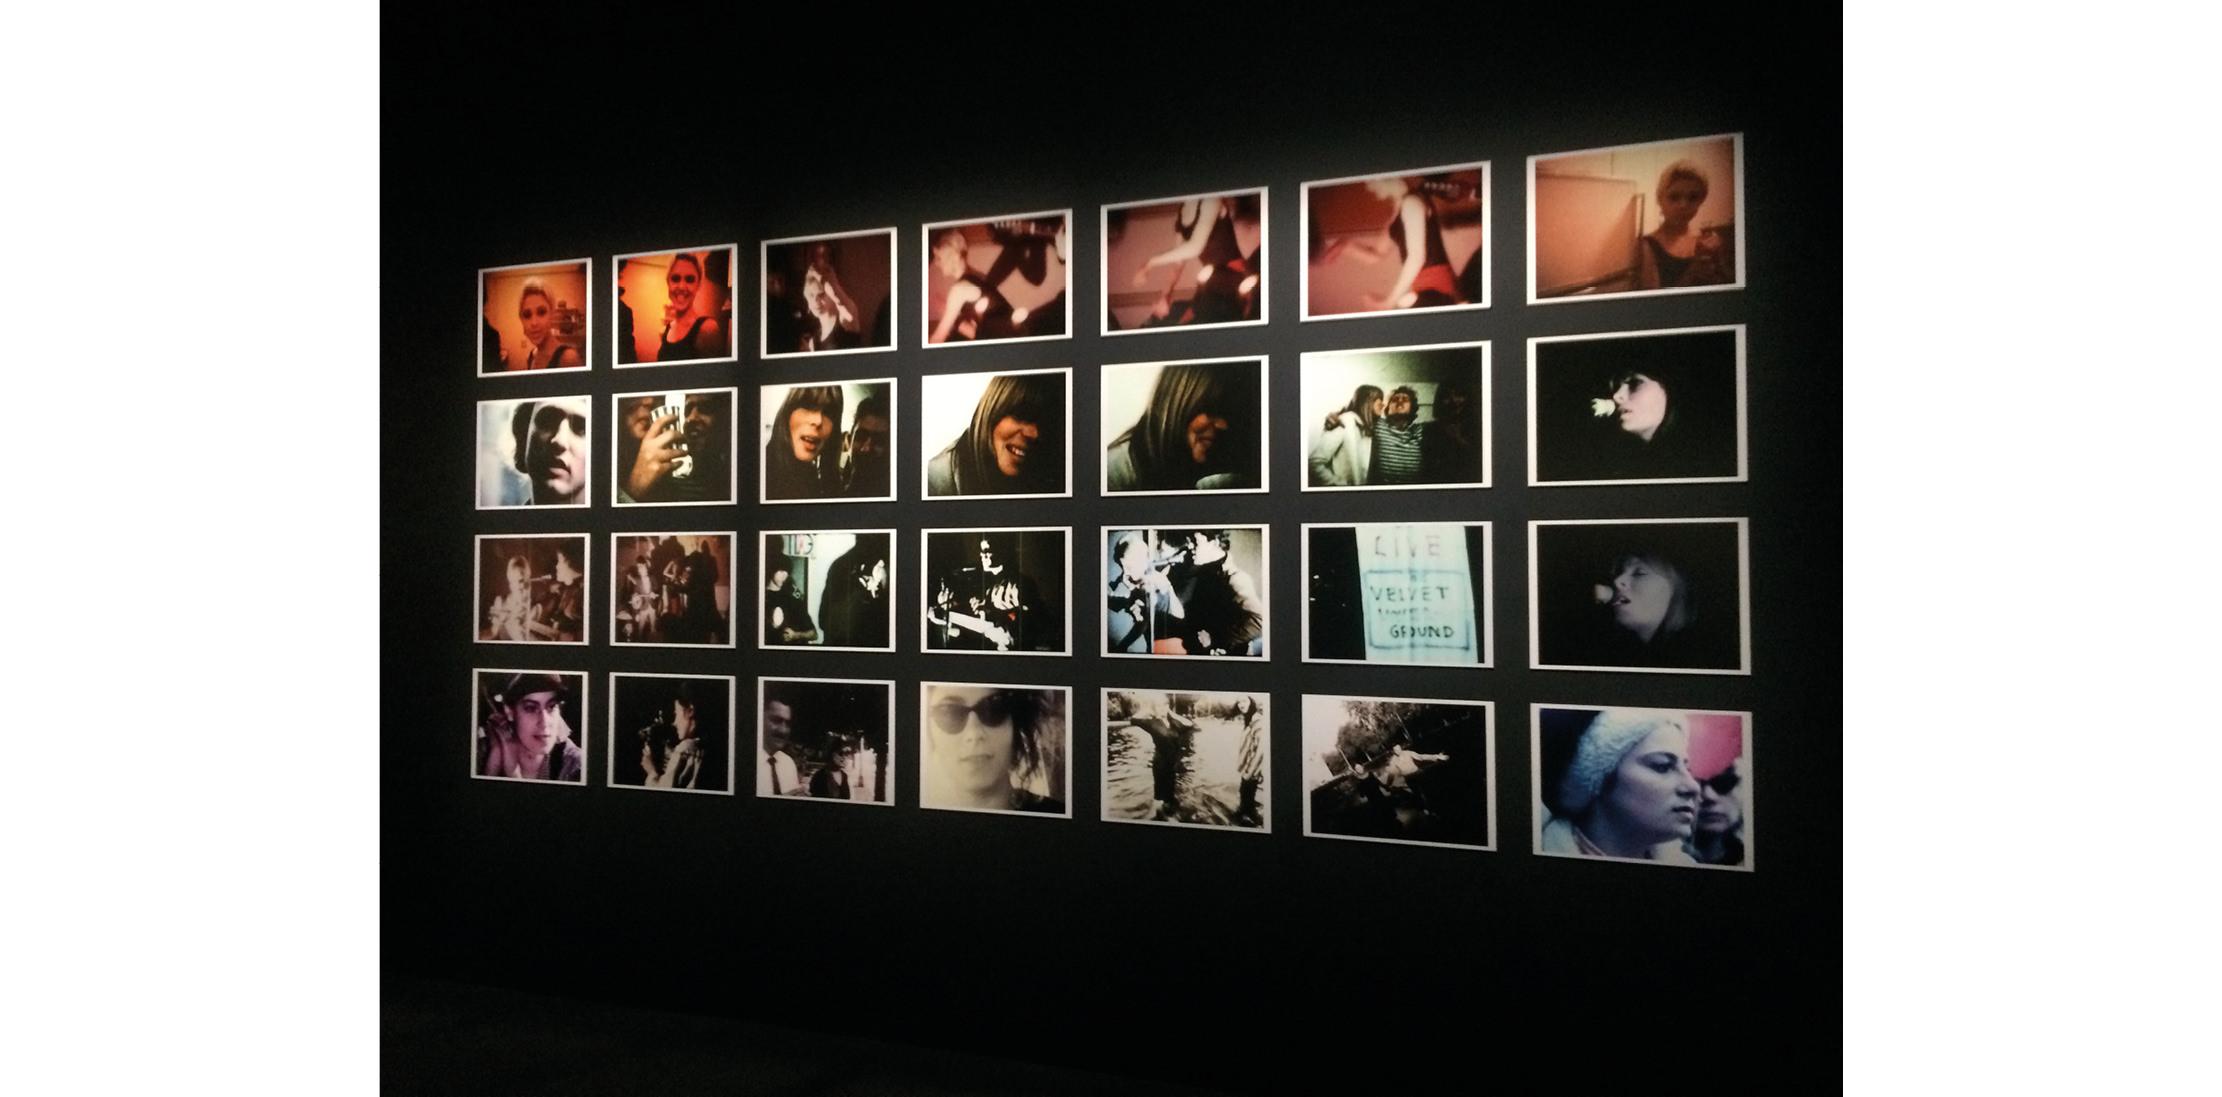 Vue de l'installation de Jonas Mekas à la Philharmonie.  4.Elle dévoile des photos rares  Formation éclair (1965-1970), le Velvet a laissé peu de documents concernant son histoire. Pourtant, New York Extravaganzapropose une belle sélection de clichés de Nat Finkelstein, de Billy Name ou de Stephen Shore montrant le groupe en live, dans les coulisses et même dans un van. On admire particulièrement celles des muses de Warhol (Edie Sedgwick, Nico, Candy Darling), qui ressemblent aux mannequins des défilés Saint Laurent par Hedi Slimane.